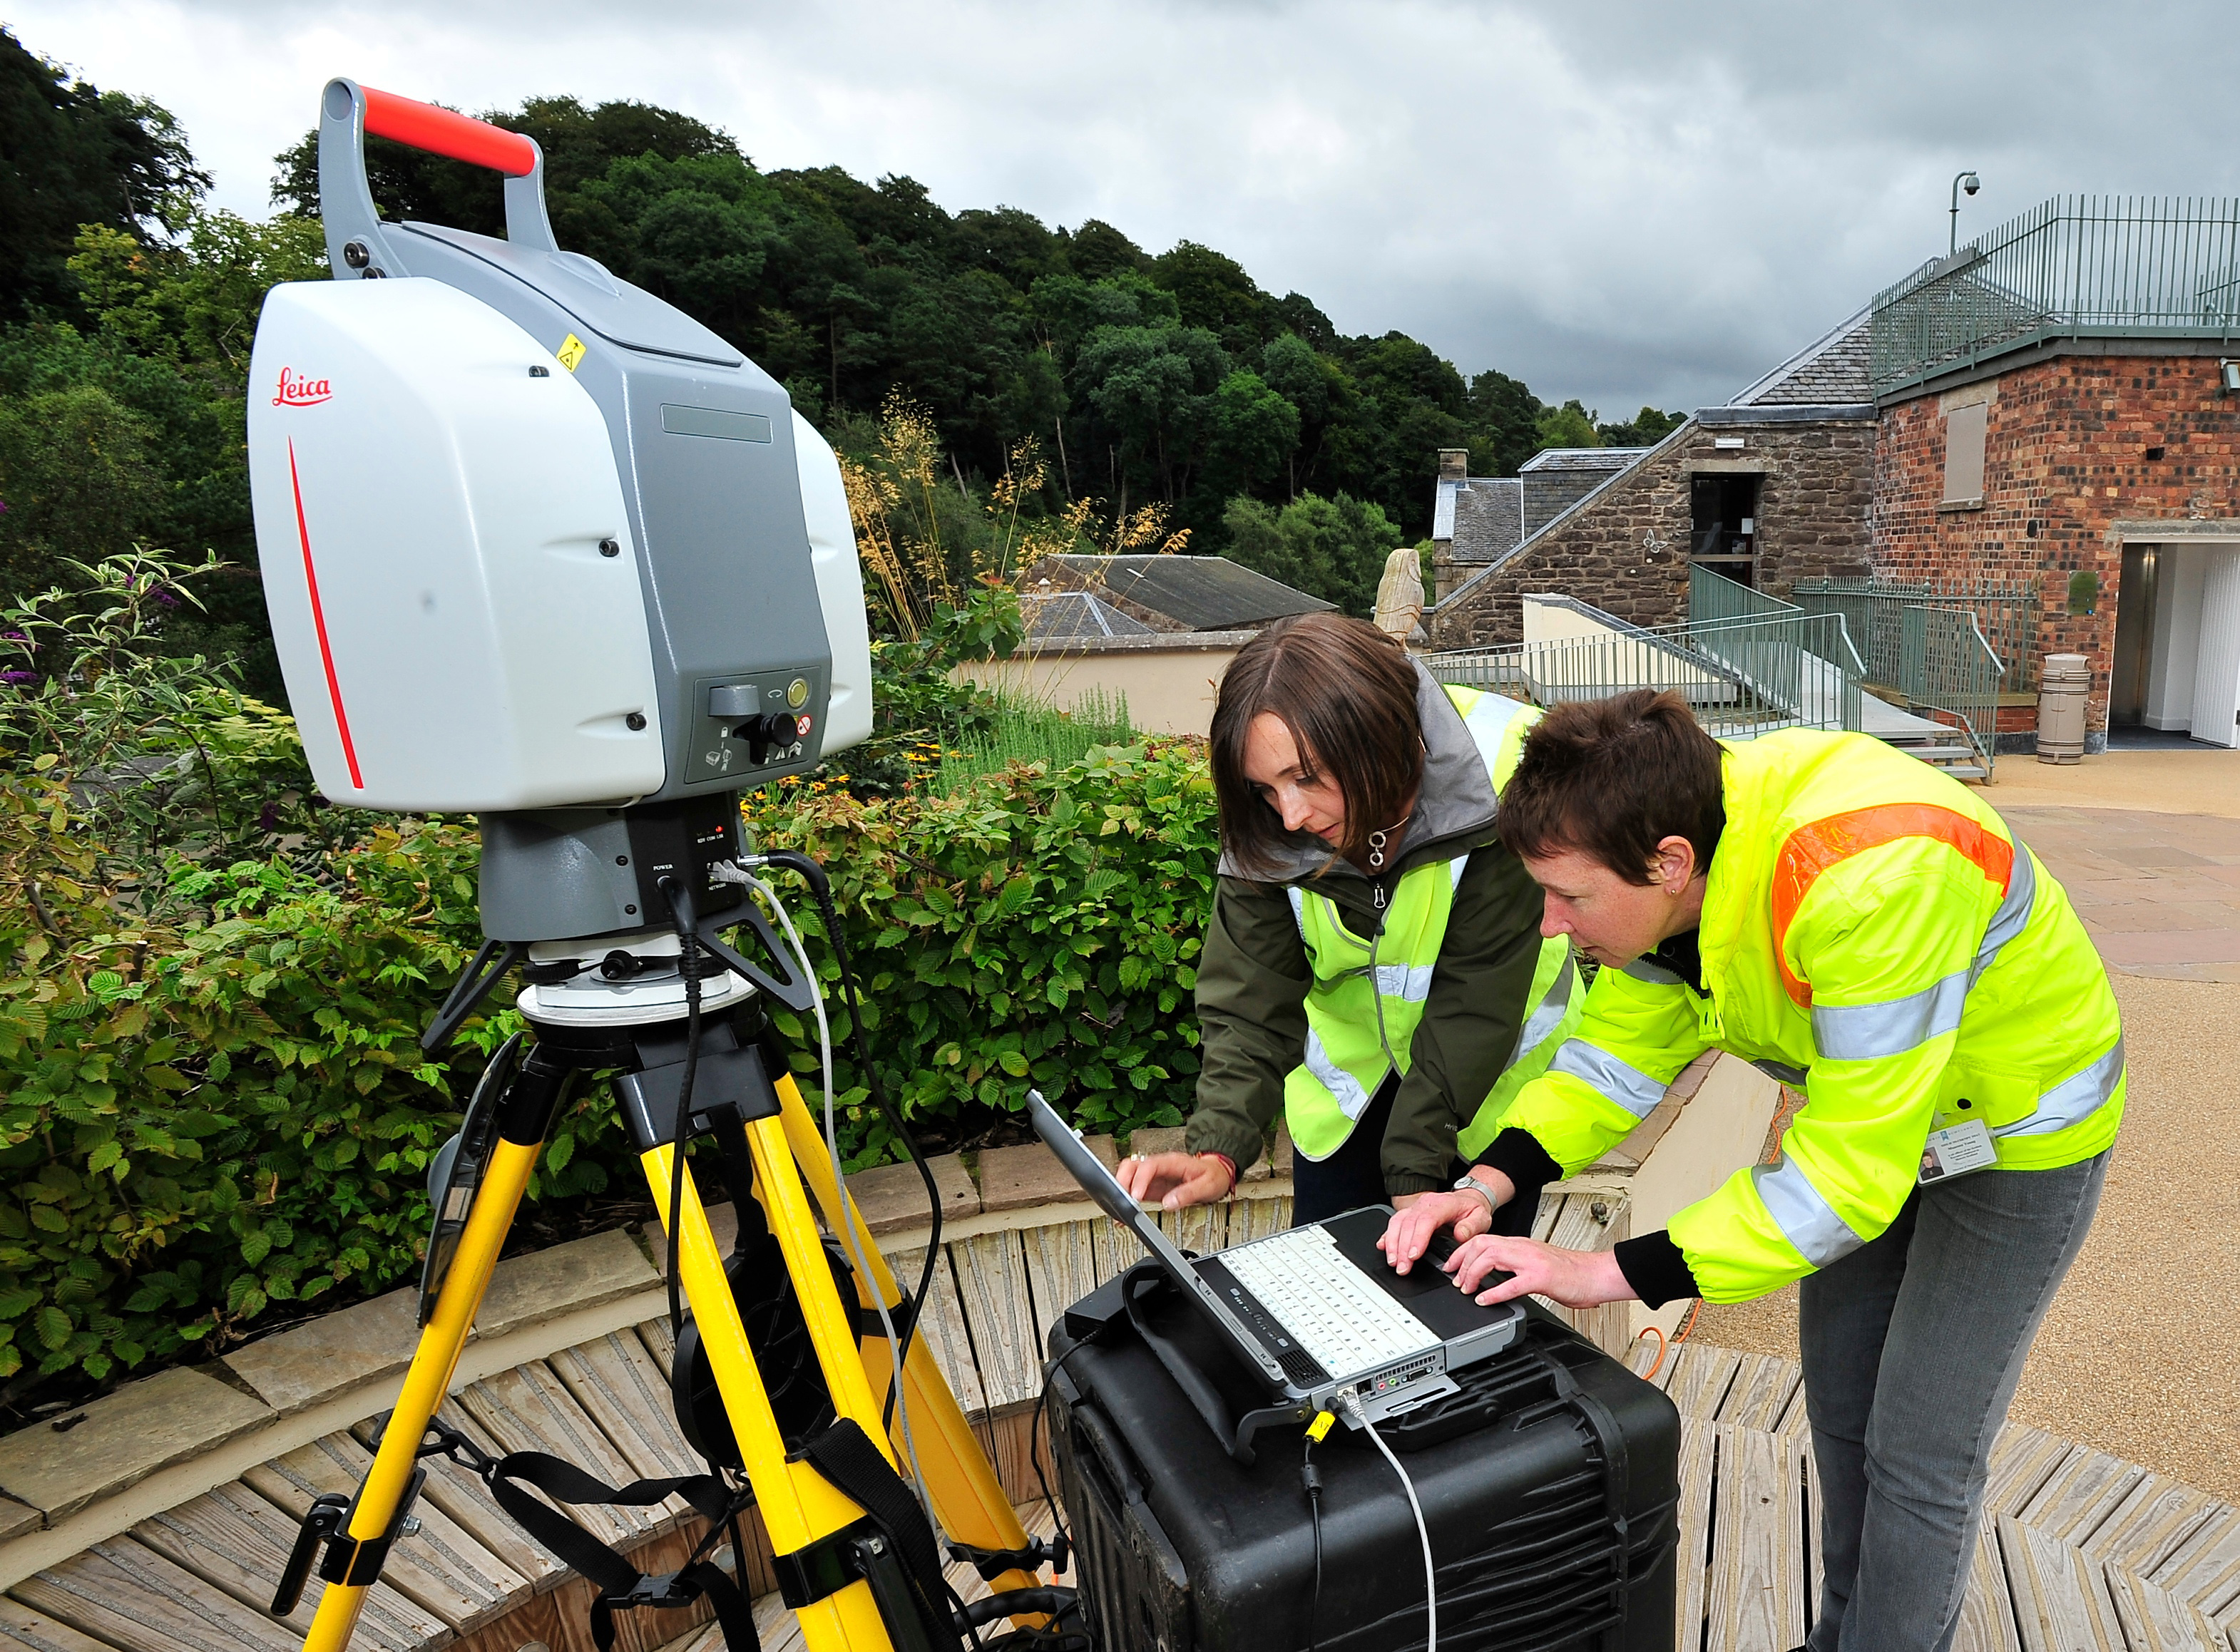 Two Scottish Ten surveyors scanning a part of New Lanark